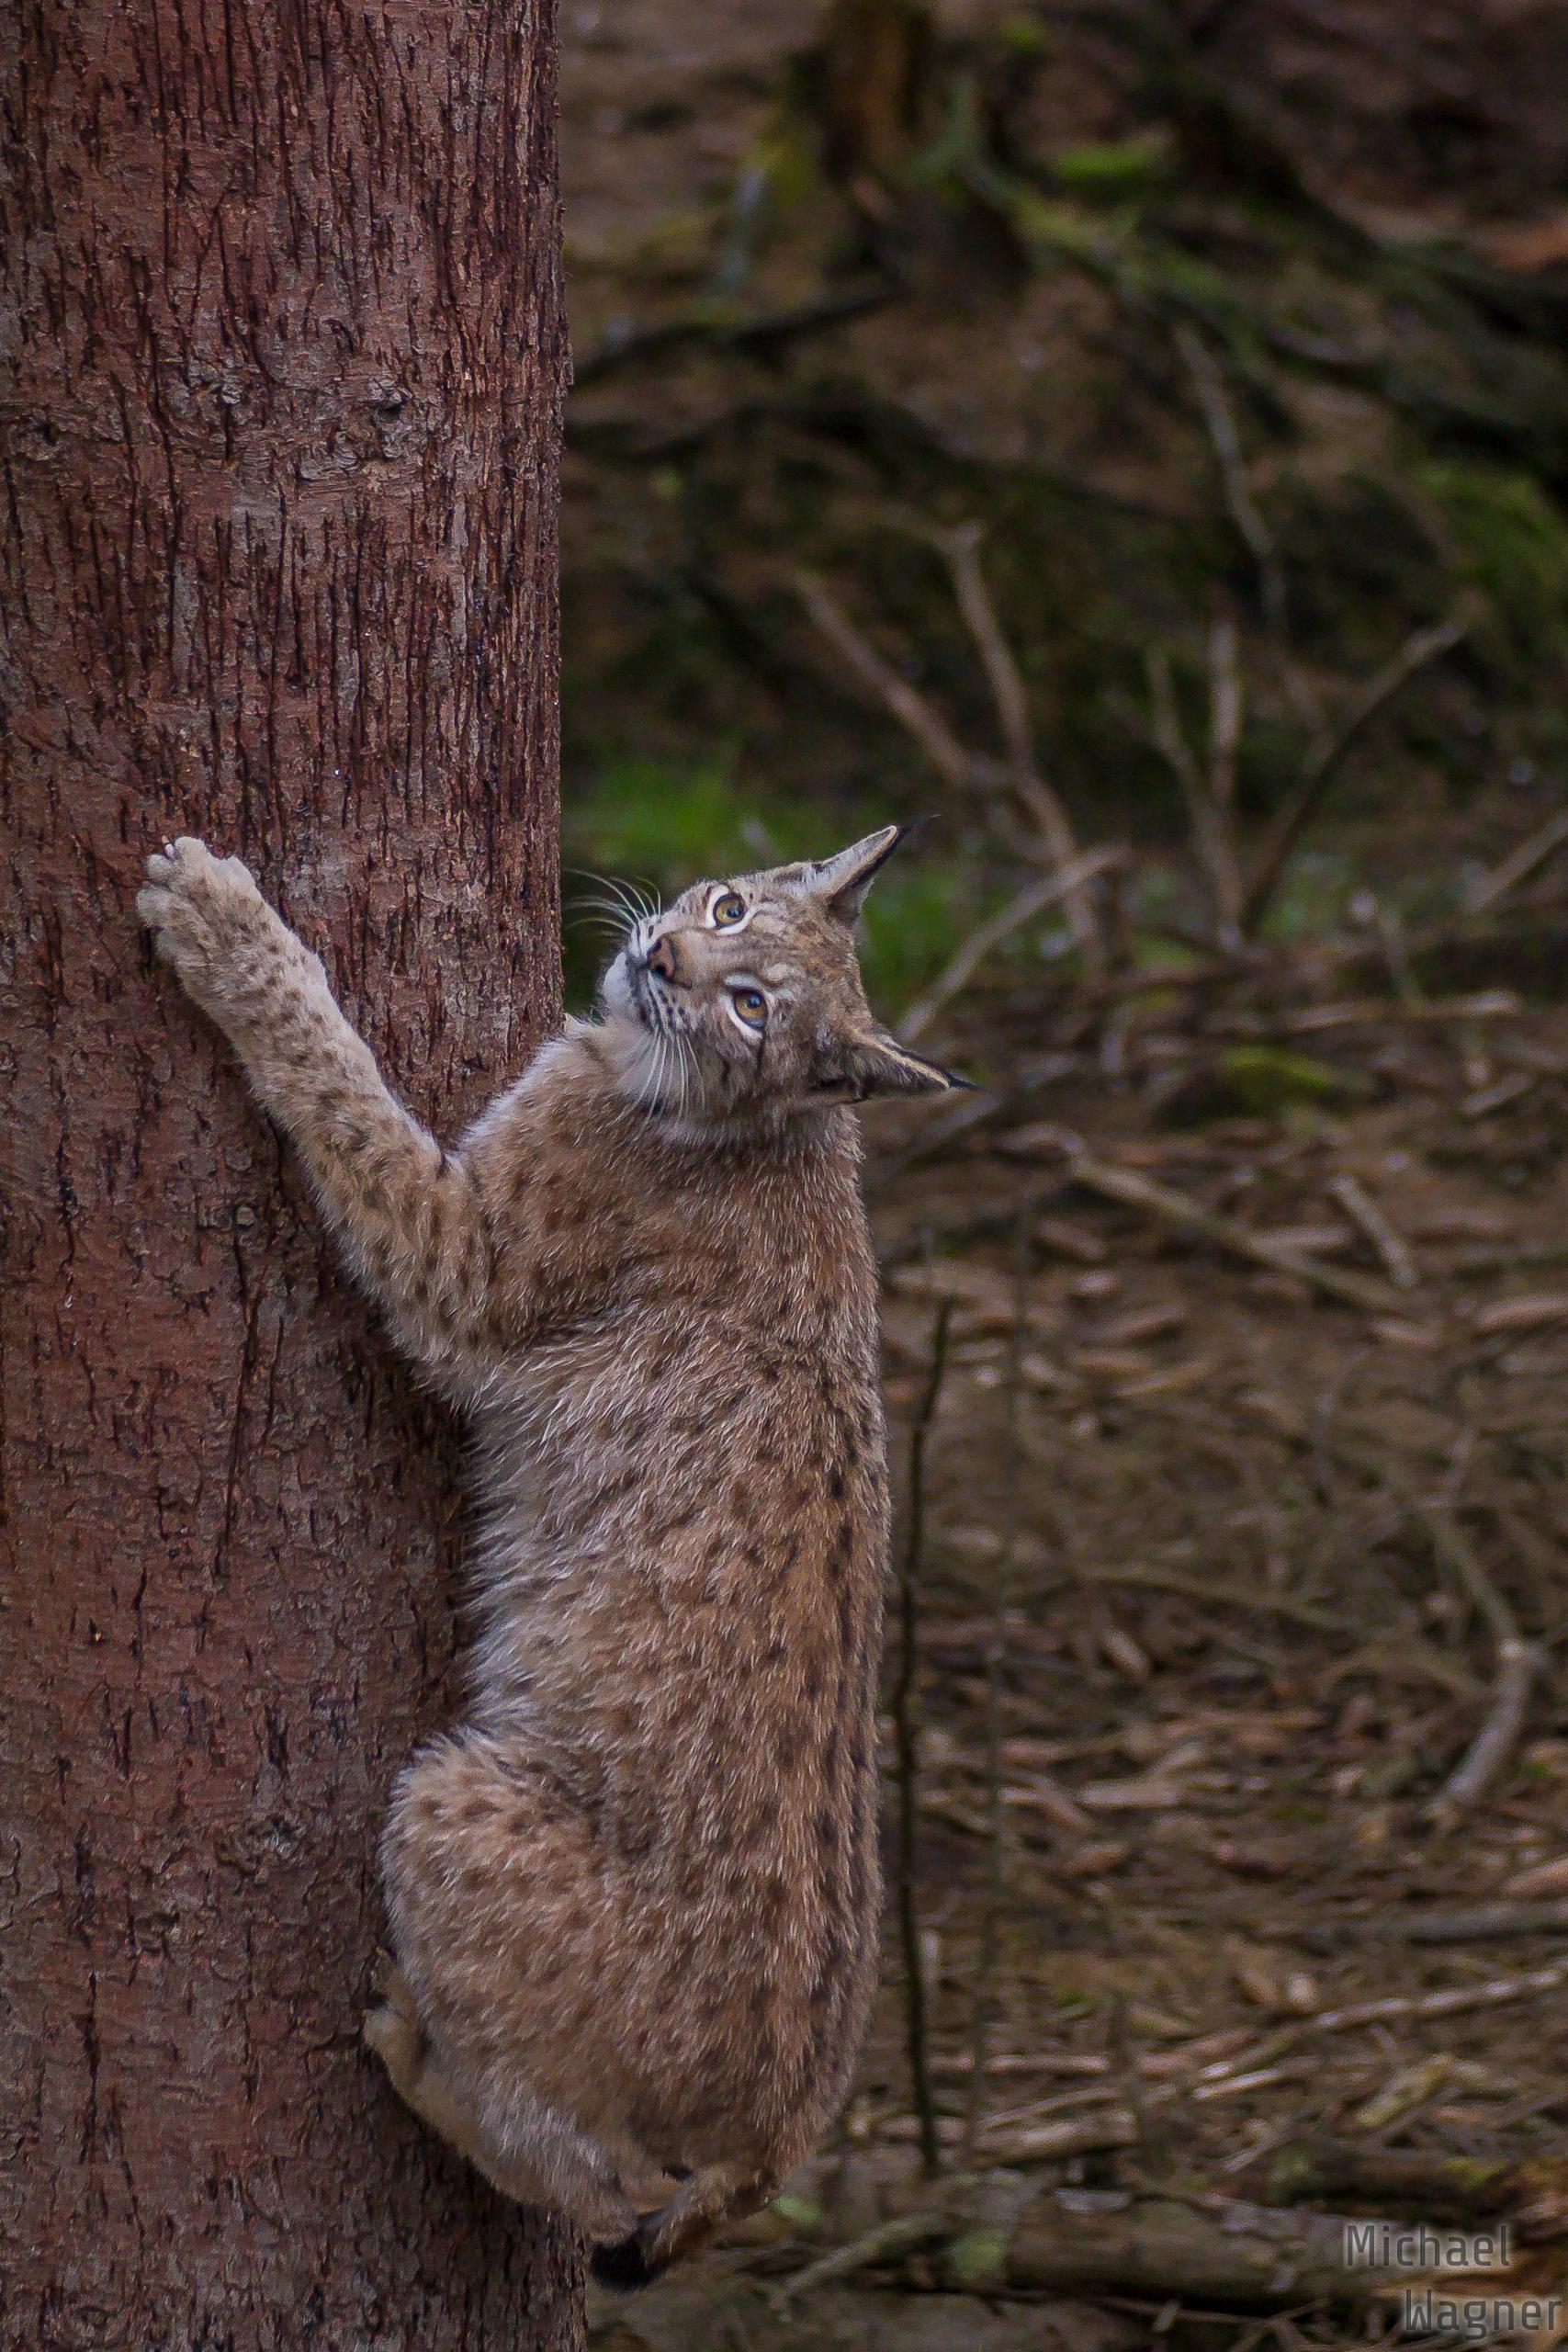 Am Baum kletternder Luchs